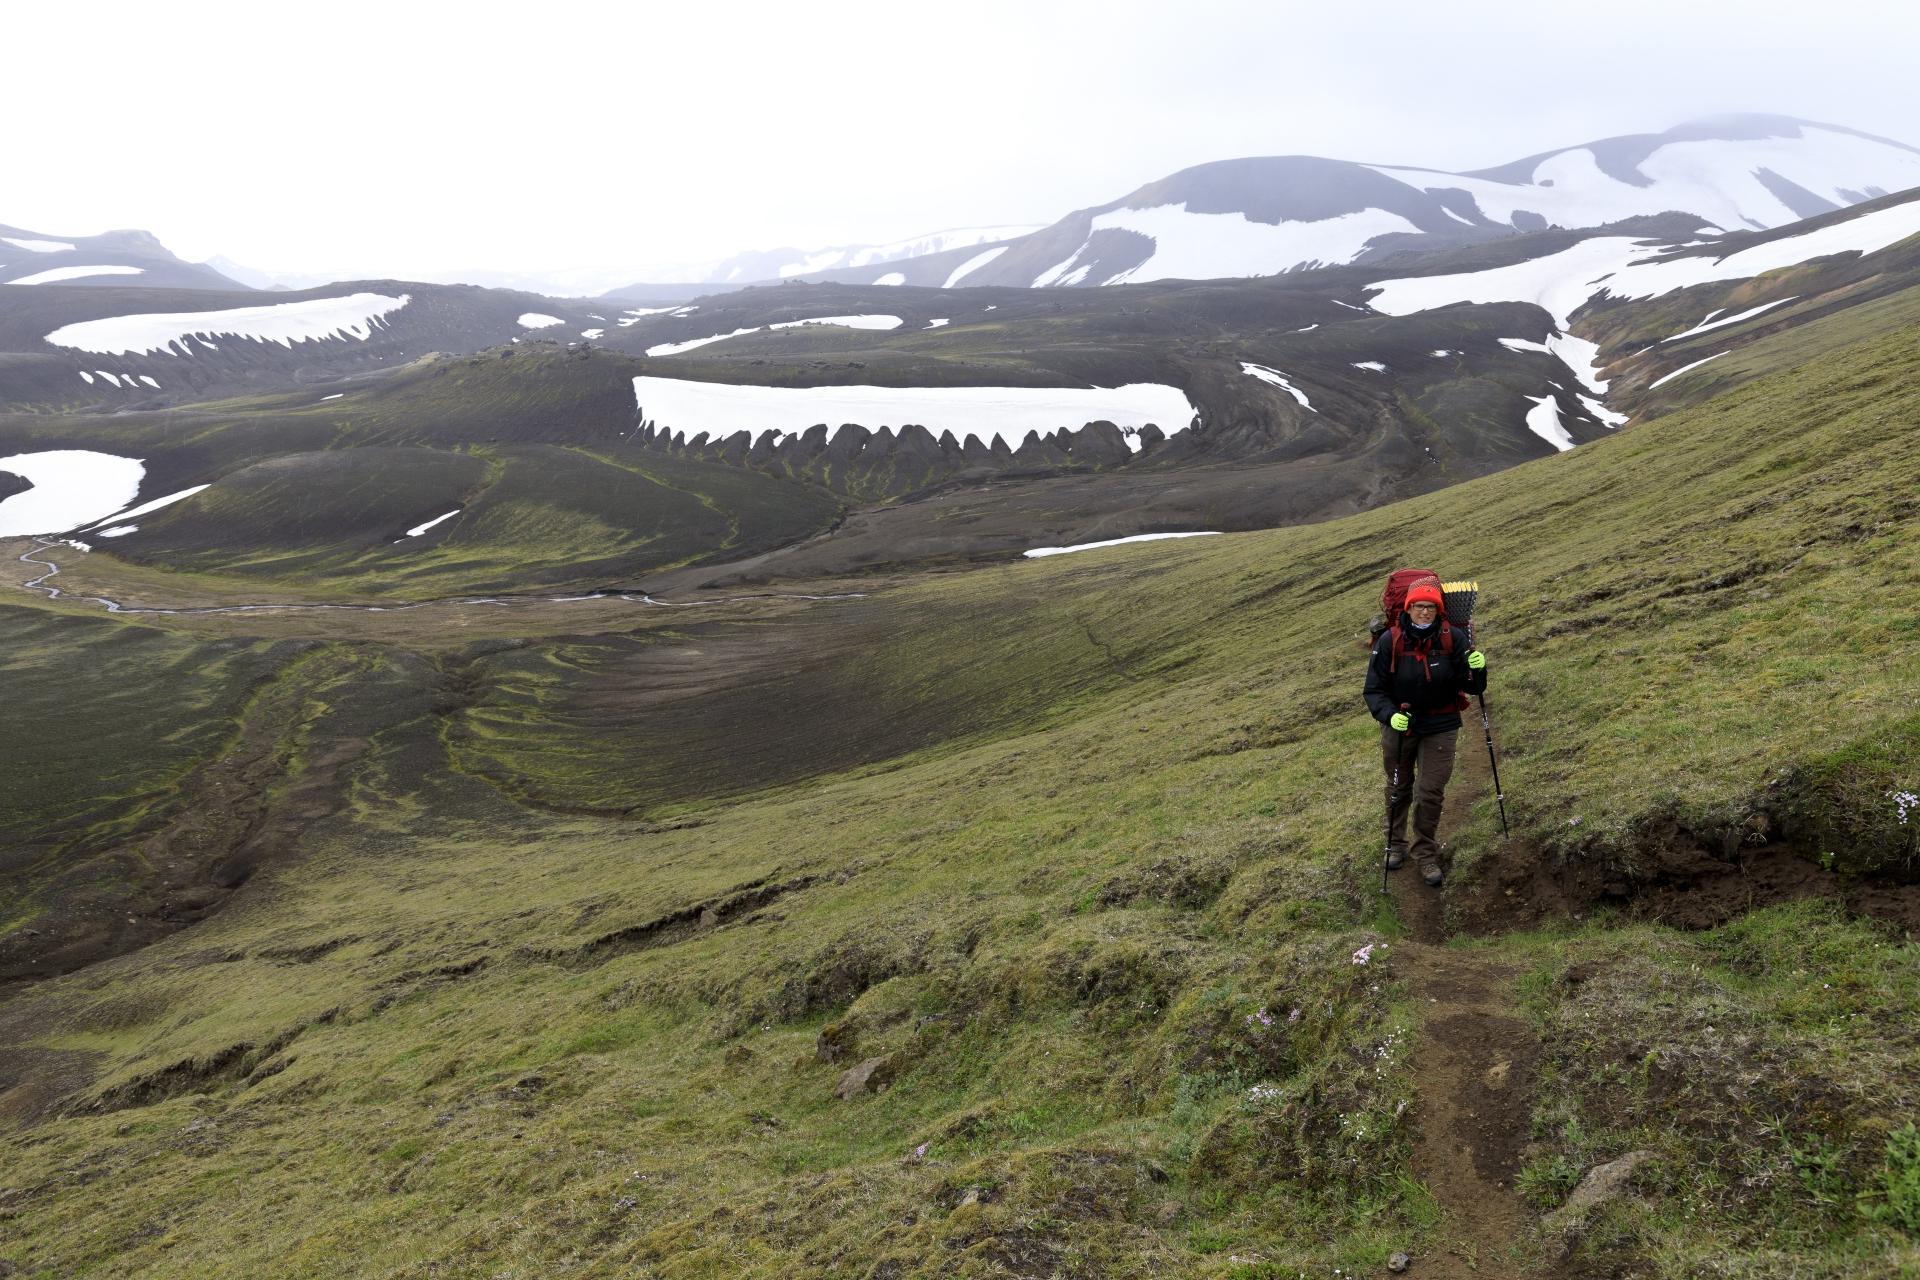 Elisabeth im Anstieg auf den nördlichen Ausläufer des Mógilshöfðar